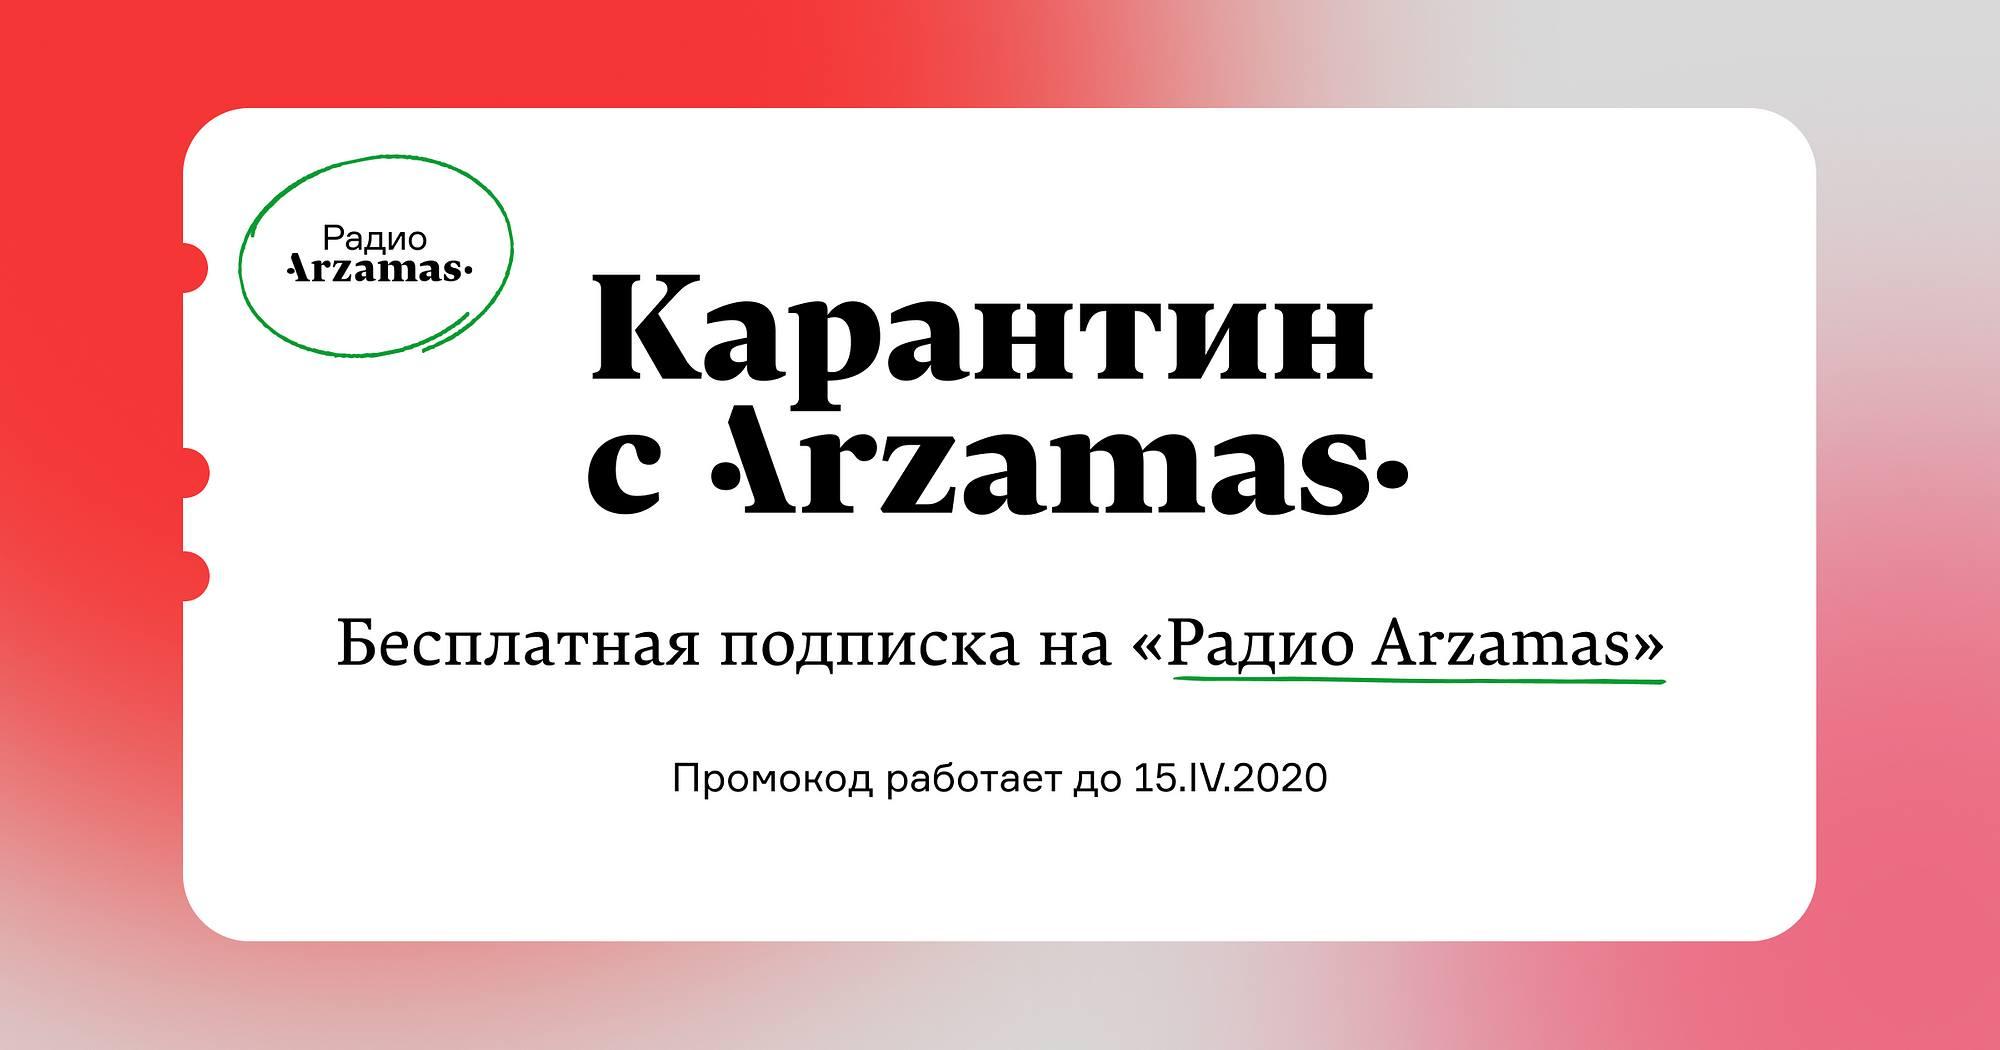 Arzamas.-Kartinka-vzyata-s-ofitsialnoj-stranichki-Facebook